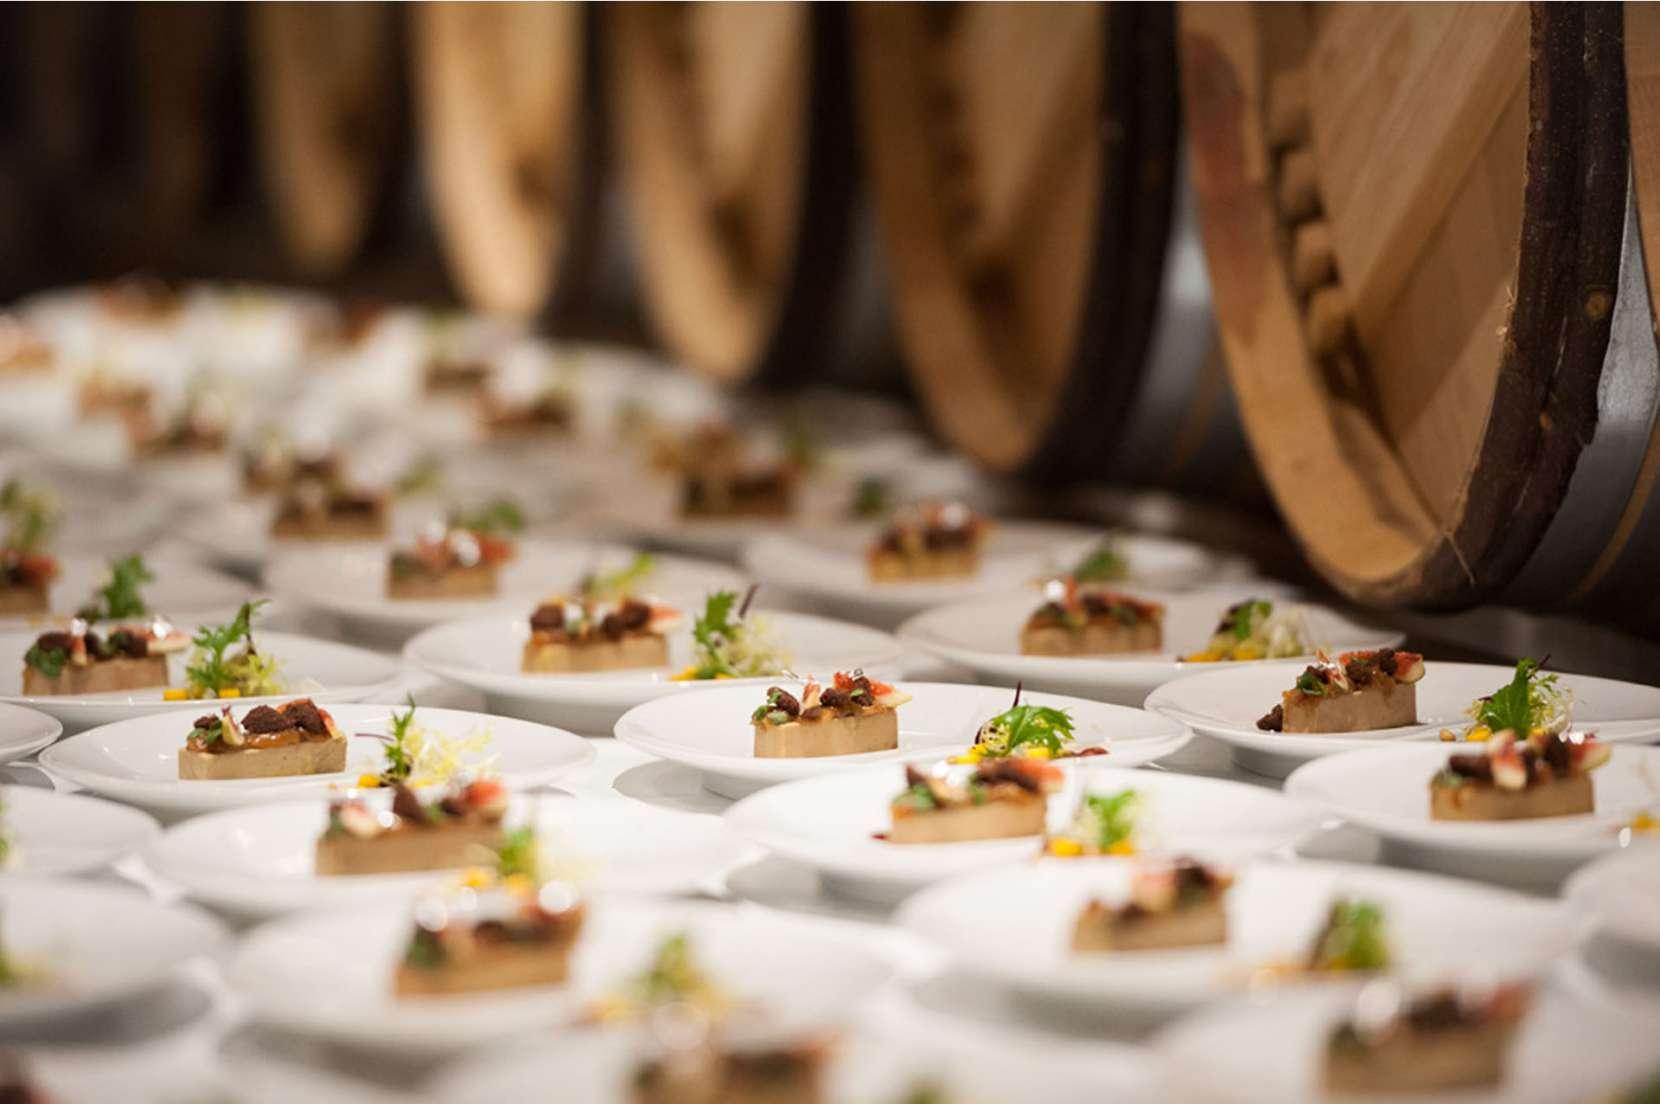 Entrées-au-foie-gras-diner-grands-chefs-chateaux-St-Emilion-1660x1104.jpg